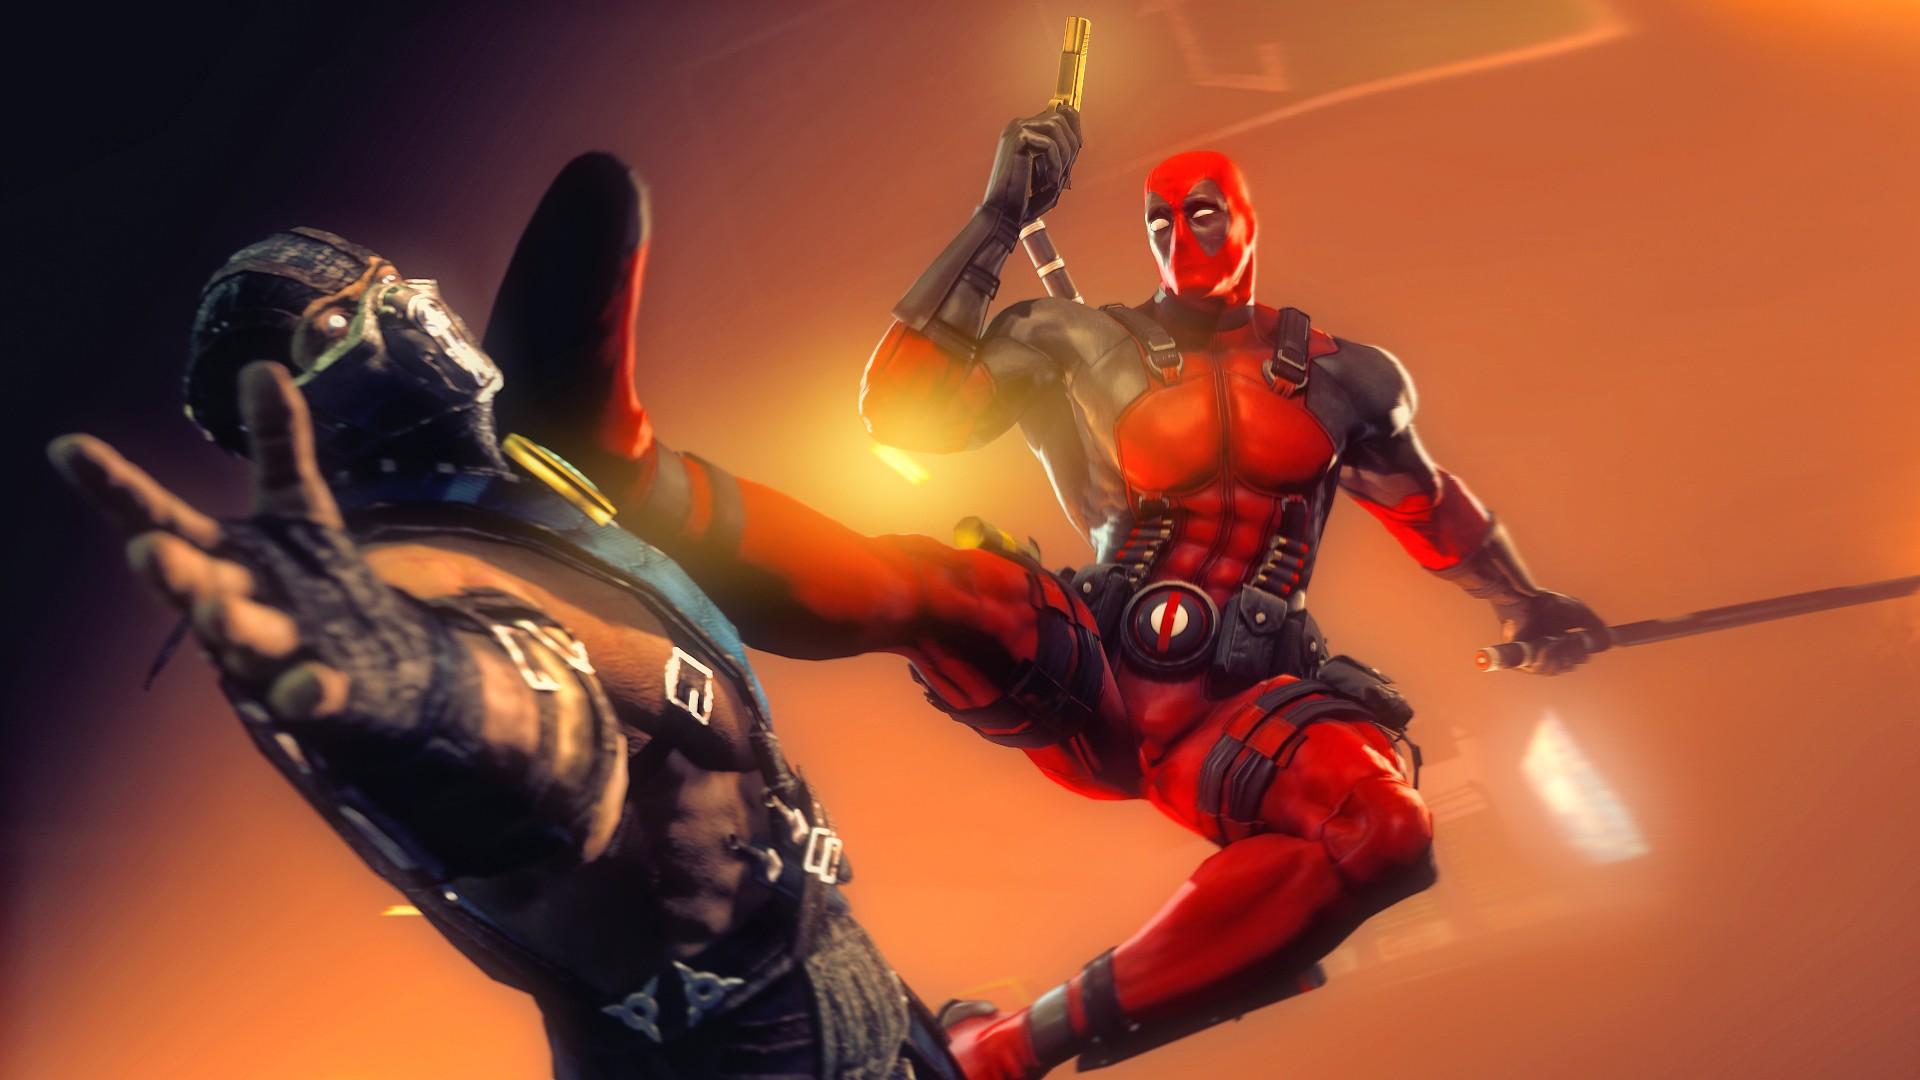 Deadpool wallpaper 1920x1080 ·① Download free stunning HD ... Deadpool Vs Spiderman Wallpaper 1920x1080